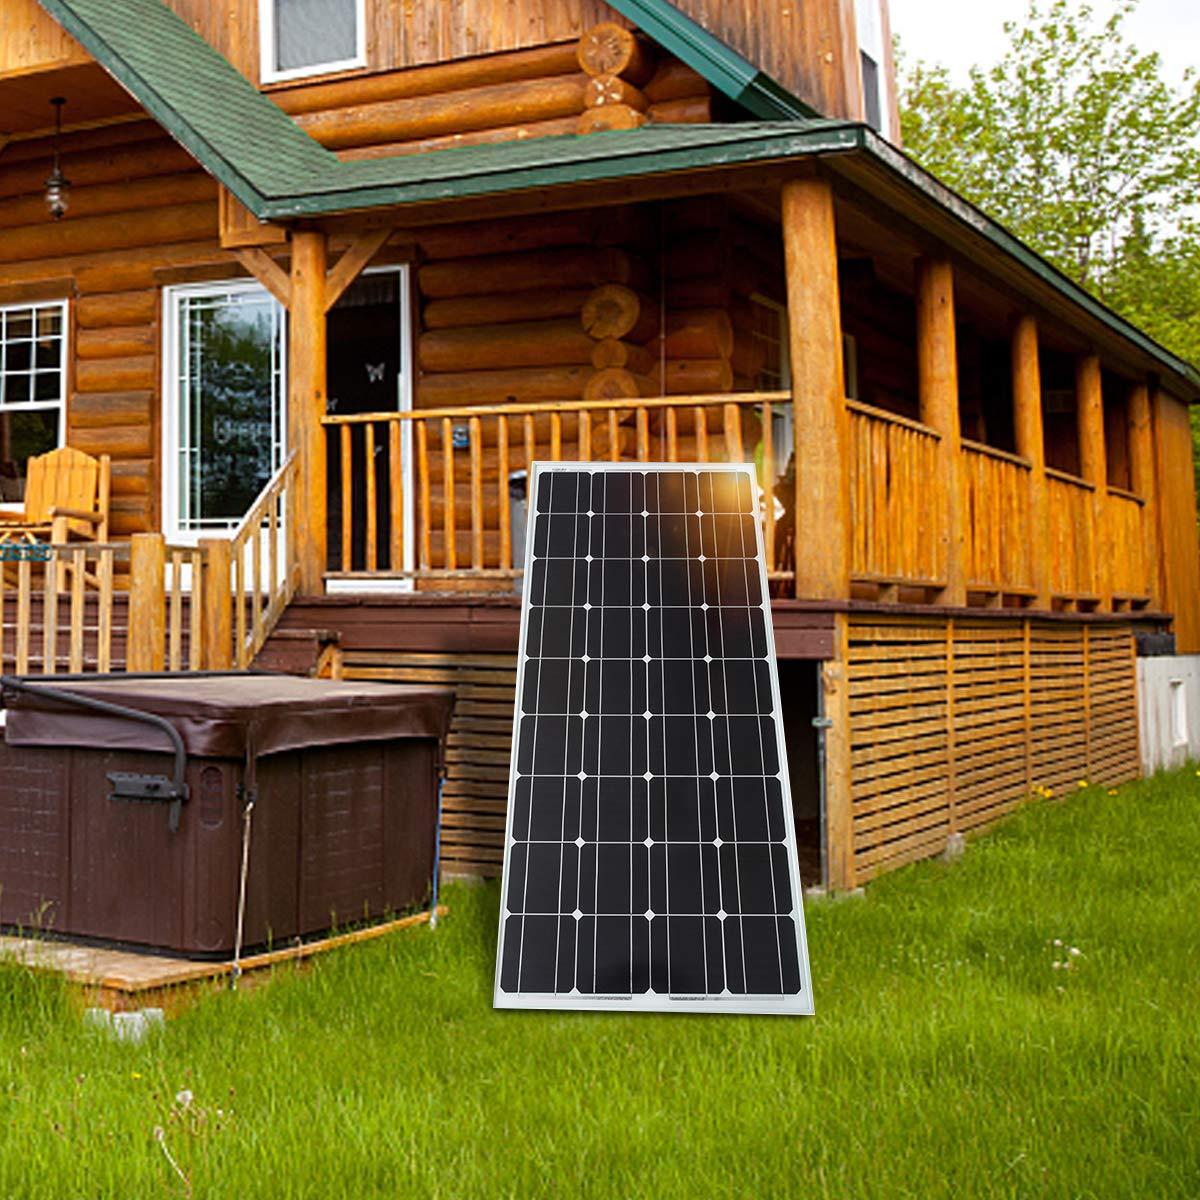 SARONIC 100W 12V Solarpanel Monokristallines Photovoltaik-PV-Modul zum Aufladen eines 12V in Reisemobil Boot oder Yacht oder au/ßerhalb des Stromnetzes Wohnwagen Wohnmobil